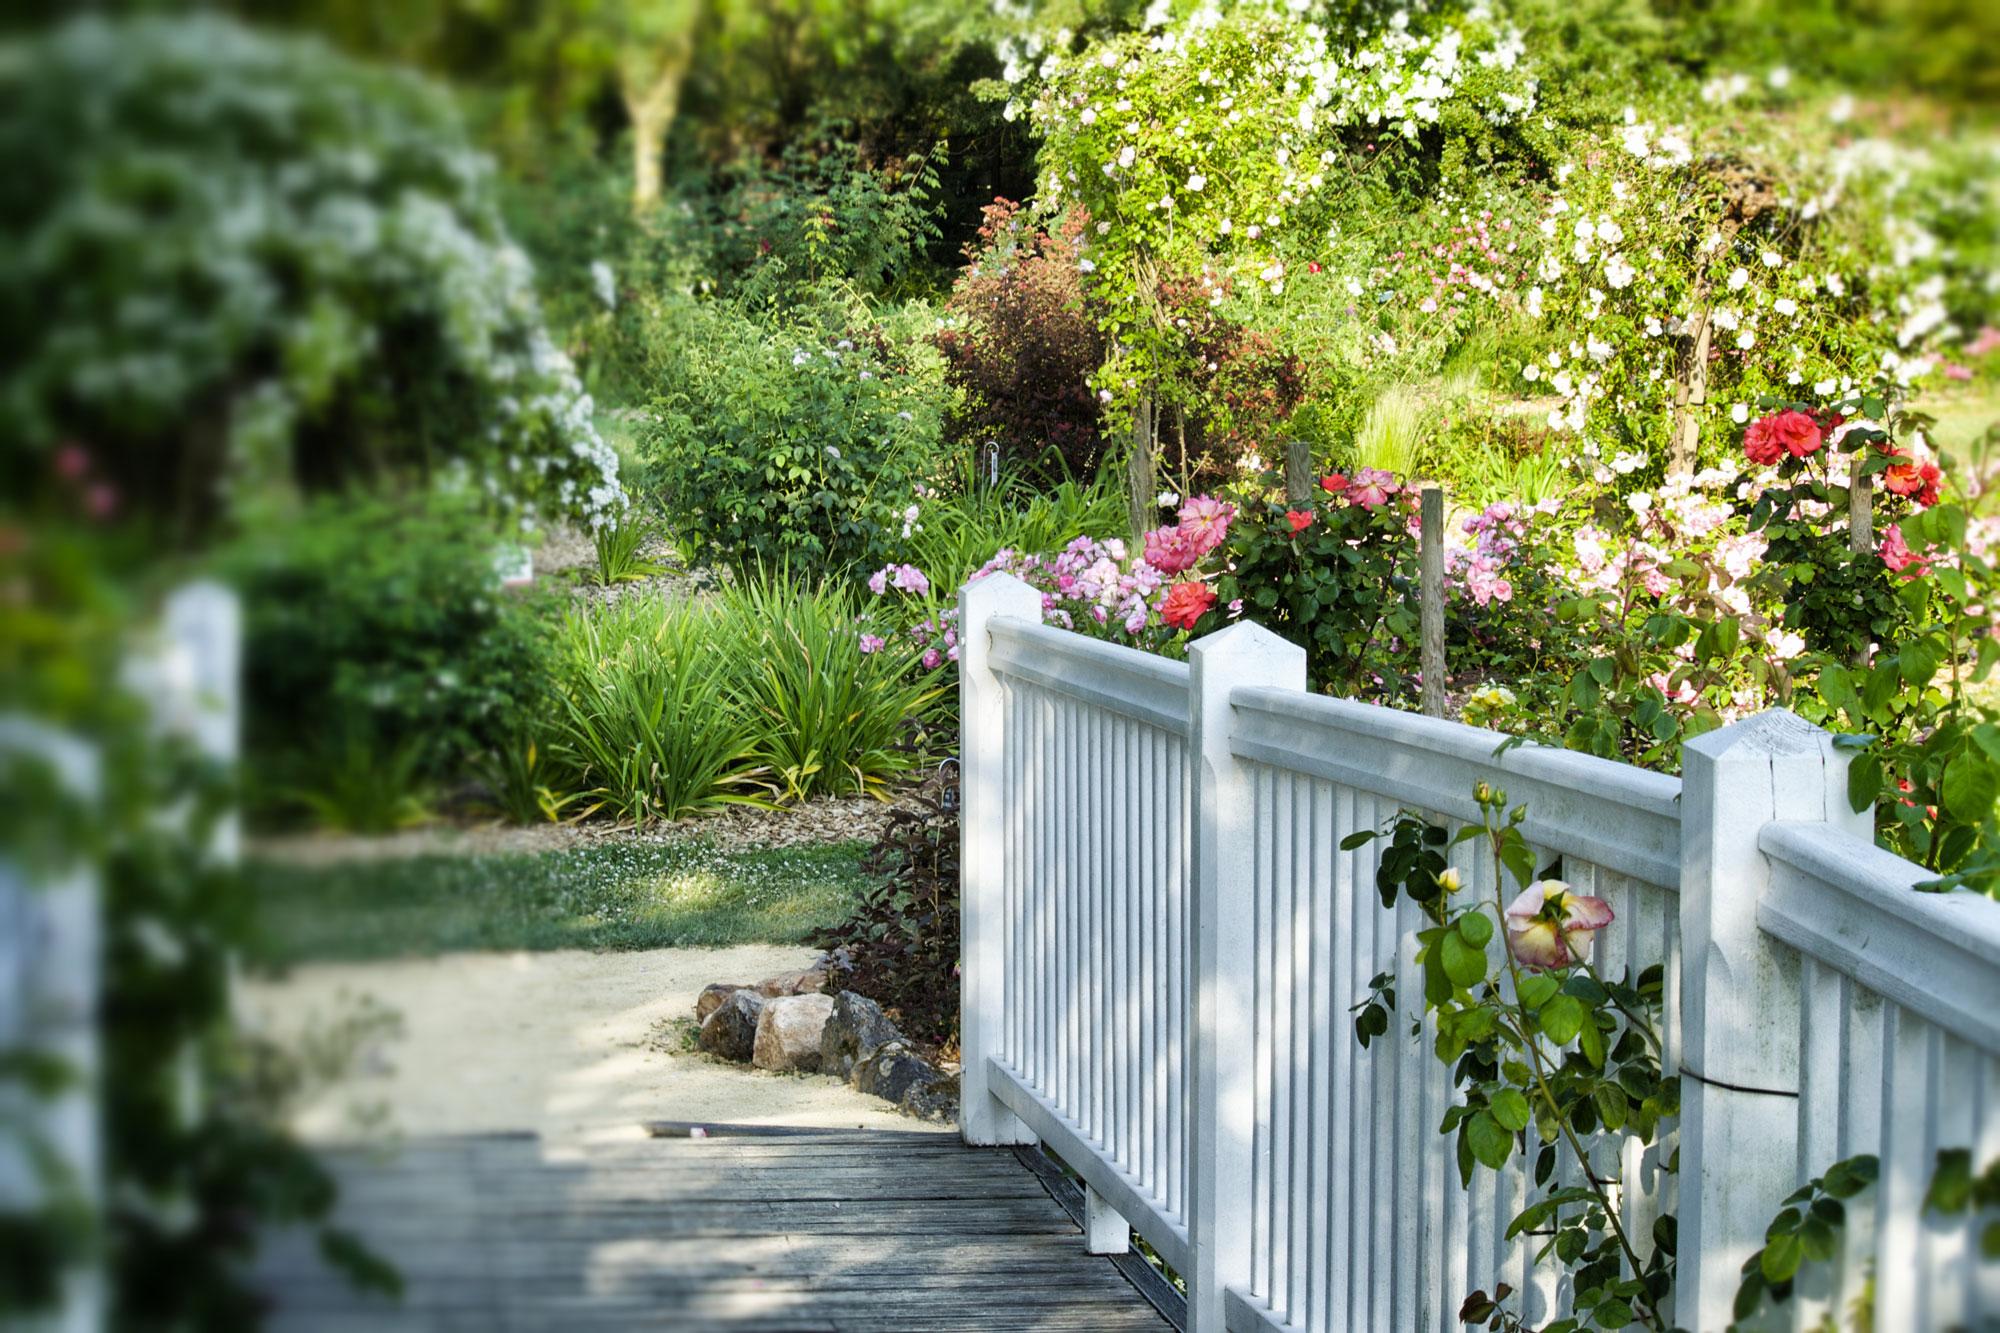 parcs et jardins en anjou d couvrez les parcs a visiter dans le maine et loire. Black Bedroom Furniture Sets. Home Design Ideas